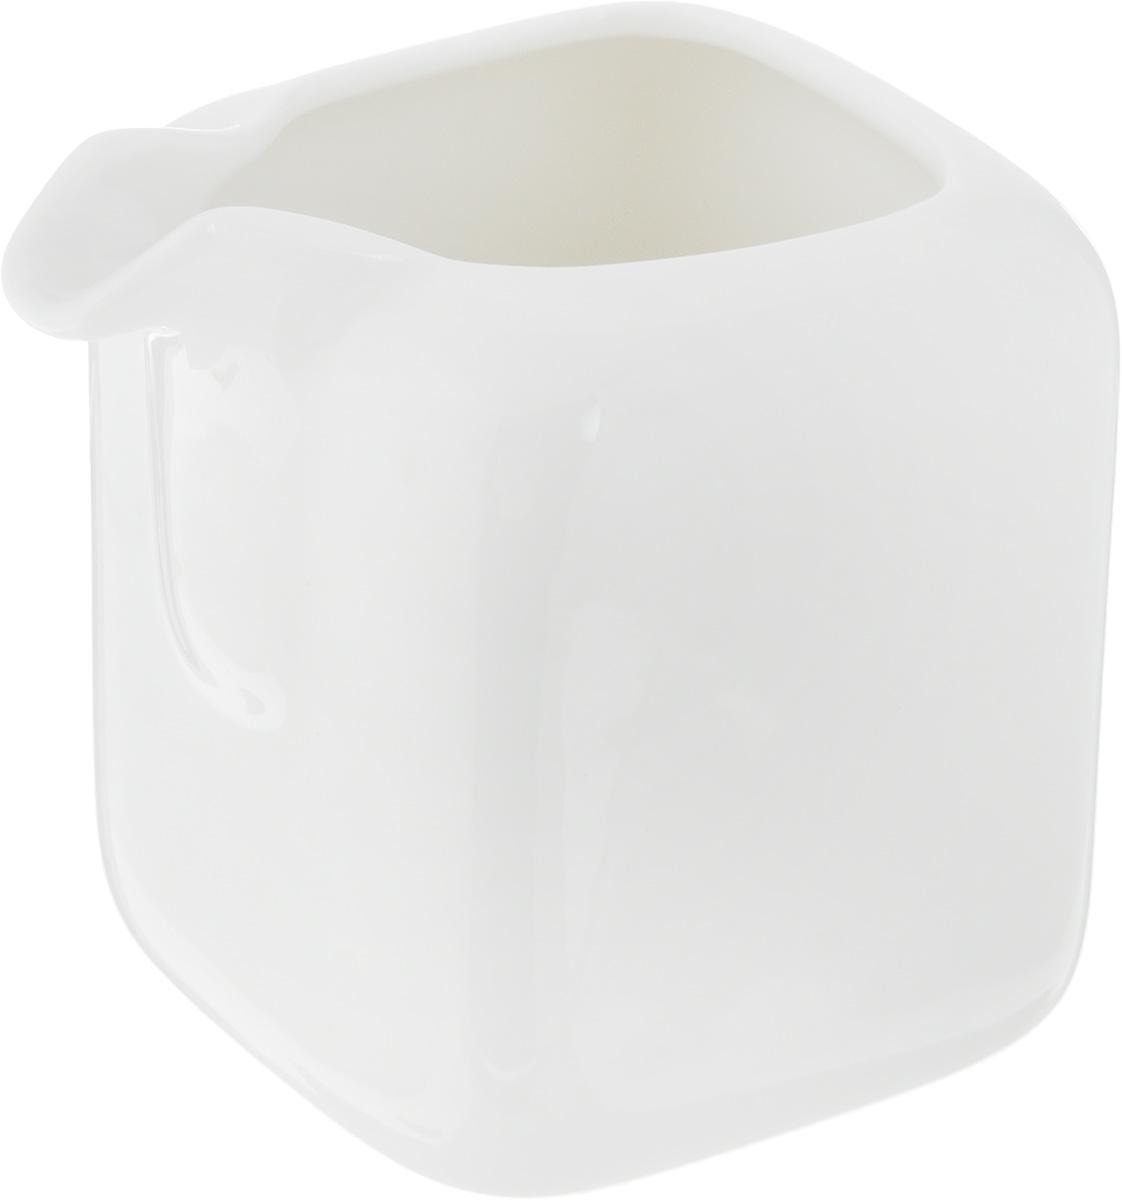 Молочник Ariane Vital Square, 150 млAVSARN64015Молочник Ariane Vital Square изготовлен из высококачественного фарфора, покрытого глазурью. Изделие предназначено для сервировки сливок или молока. Такой молочник отлично подойдет как для праздничного чаепития, так и для повседневного использования. Изделие функциональное, практичное и легкое в уходе. Размеры: 6 х 8 х 8 см.